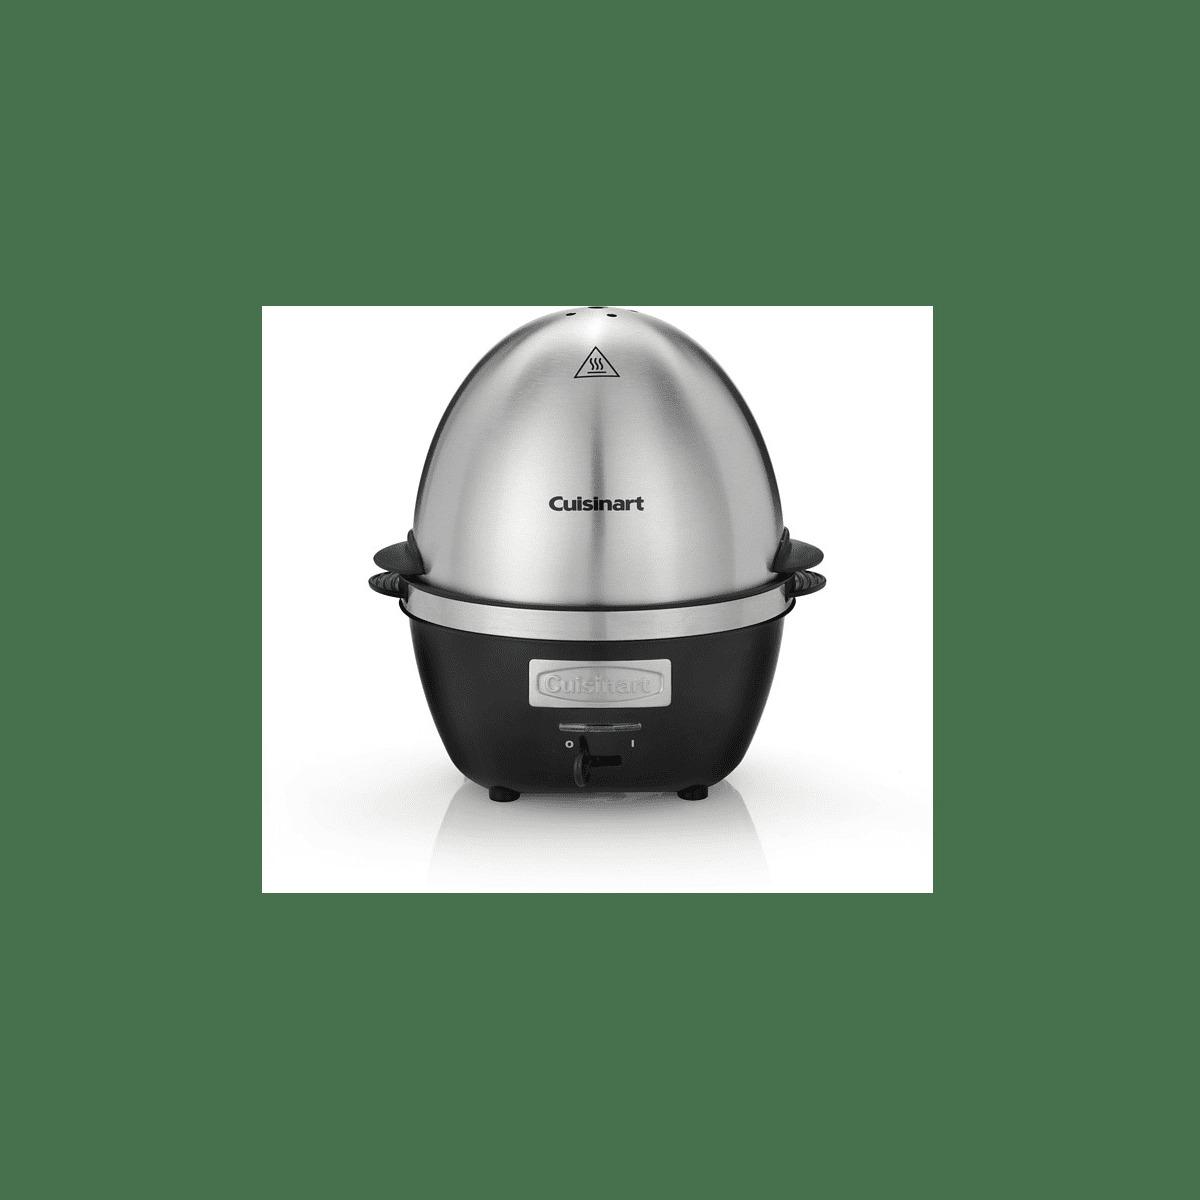 Cuisinart Cec10E Çok İşlevli 10'Lu Yumurta Pişirme Makinesi